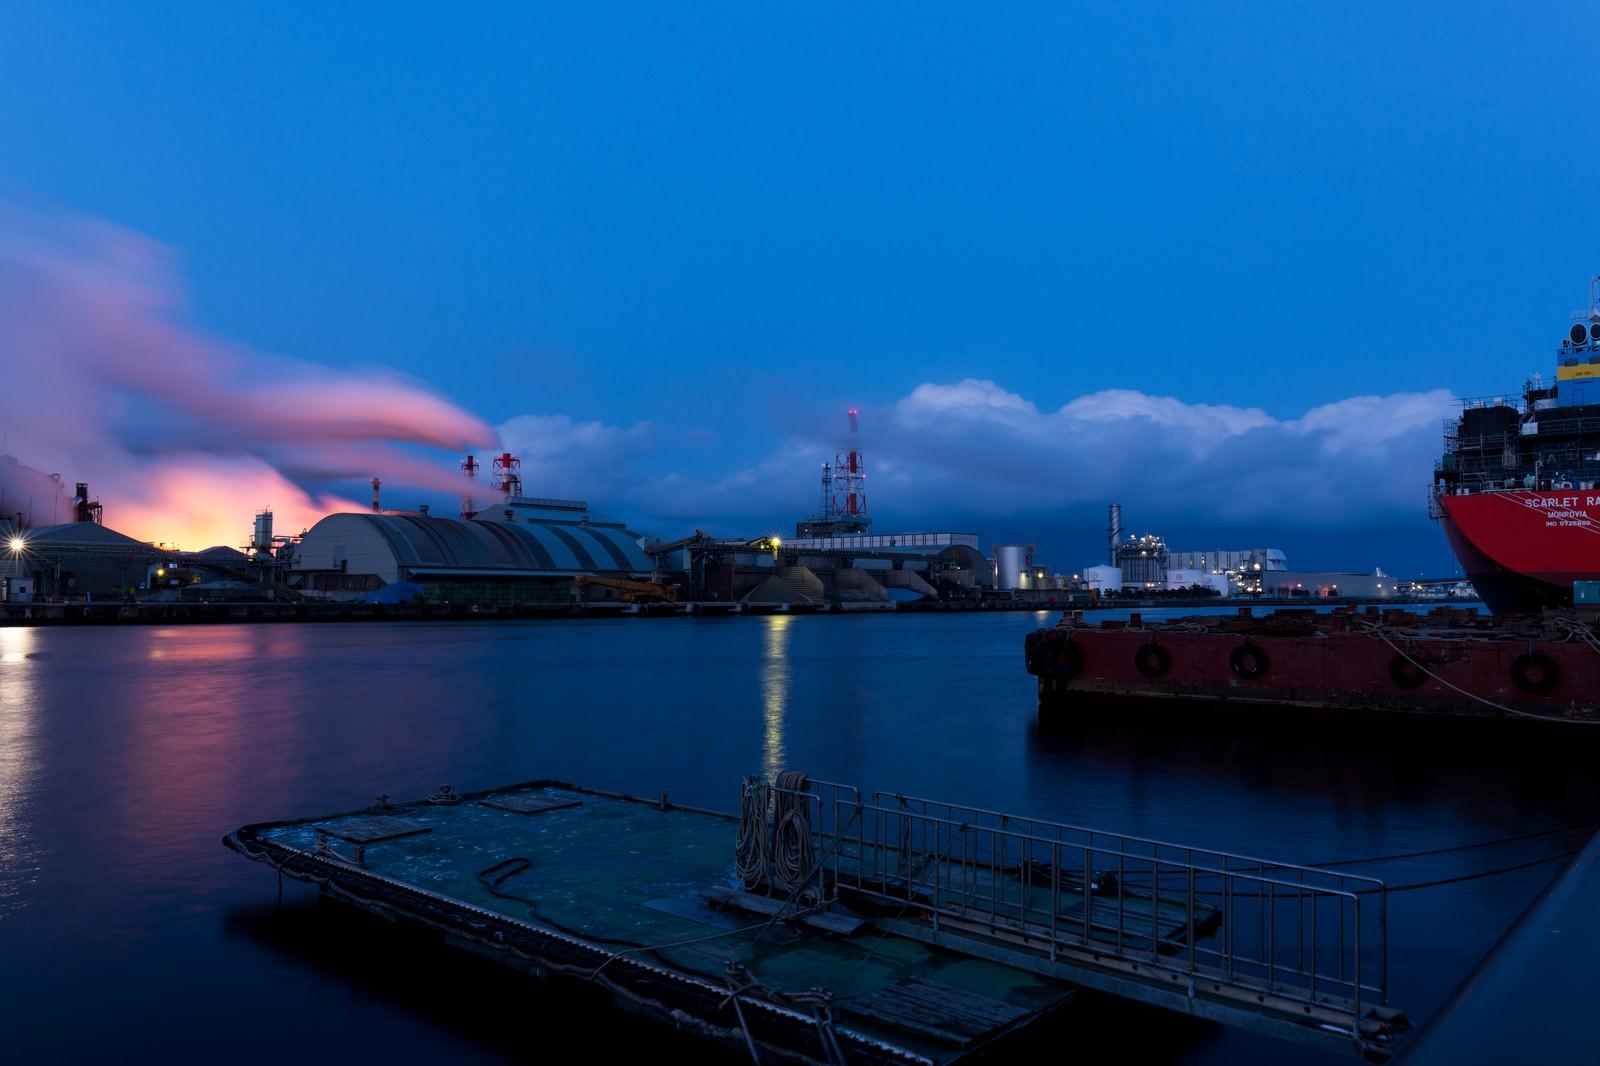 「八戸の工場夕景八戸の工場夕景」のフリー写真素材を拡大